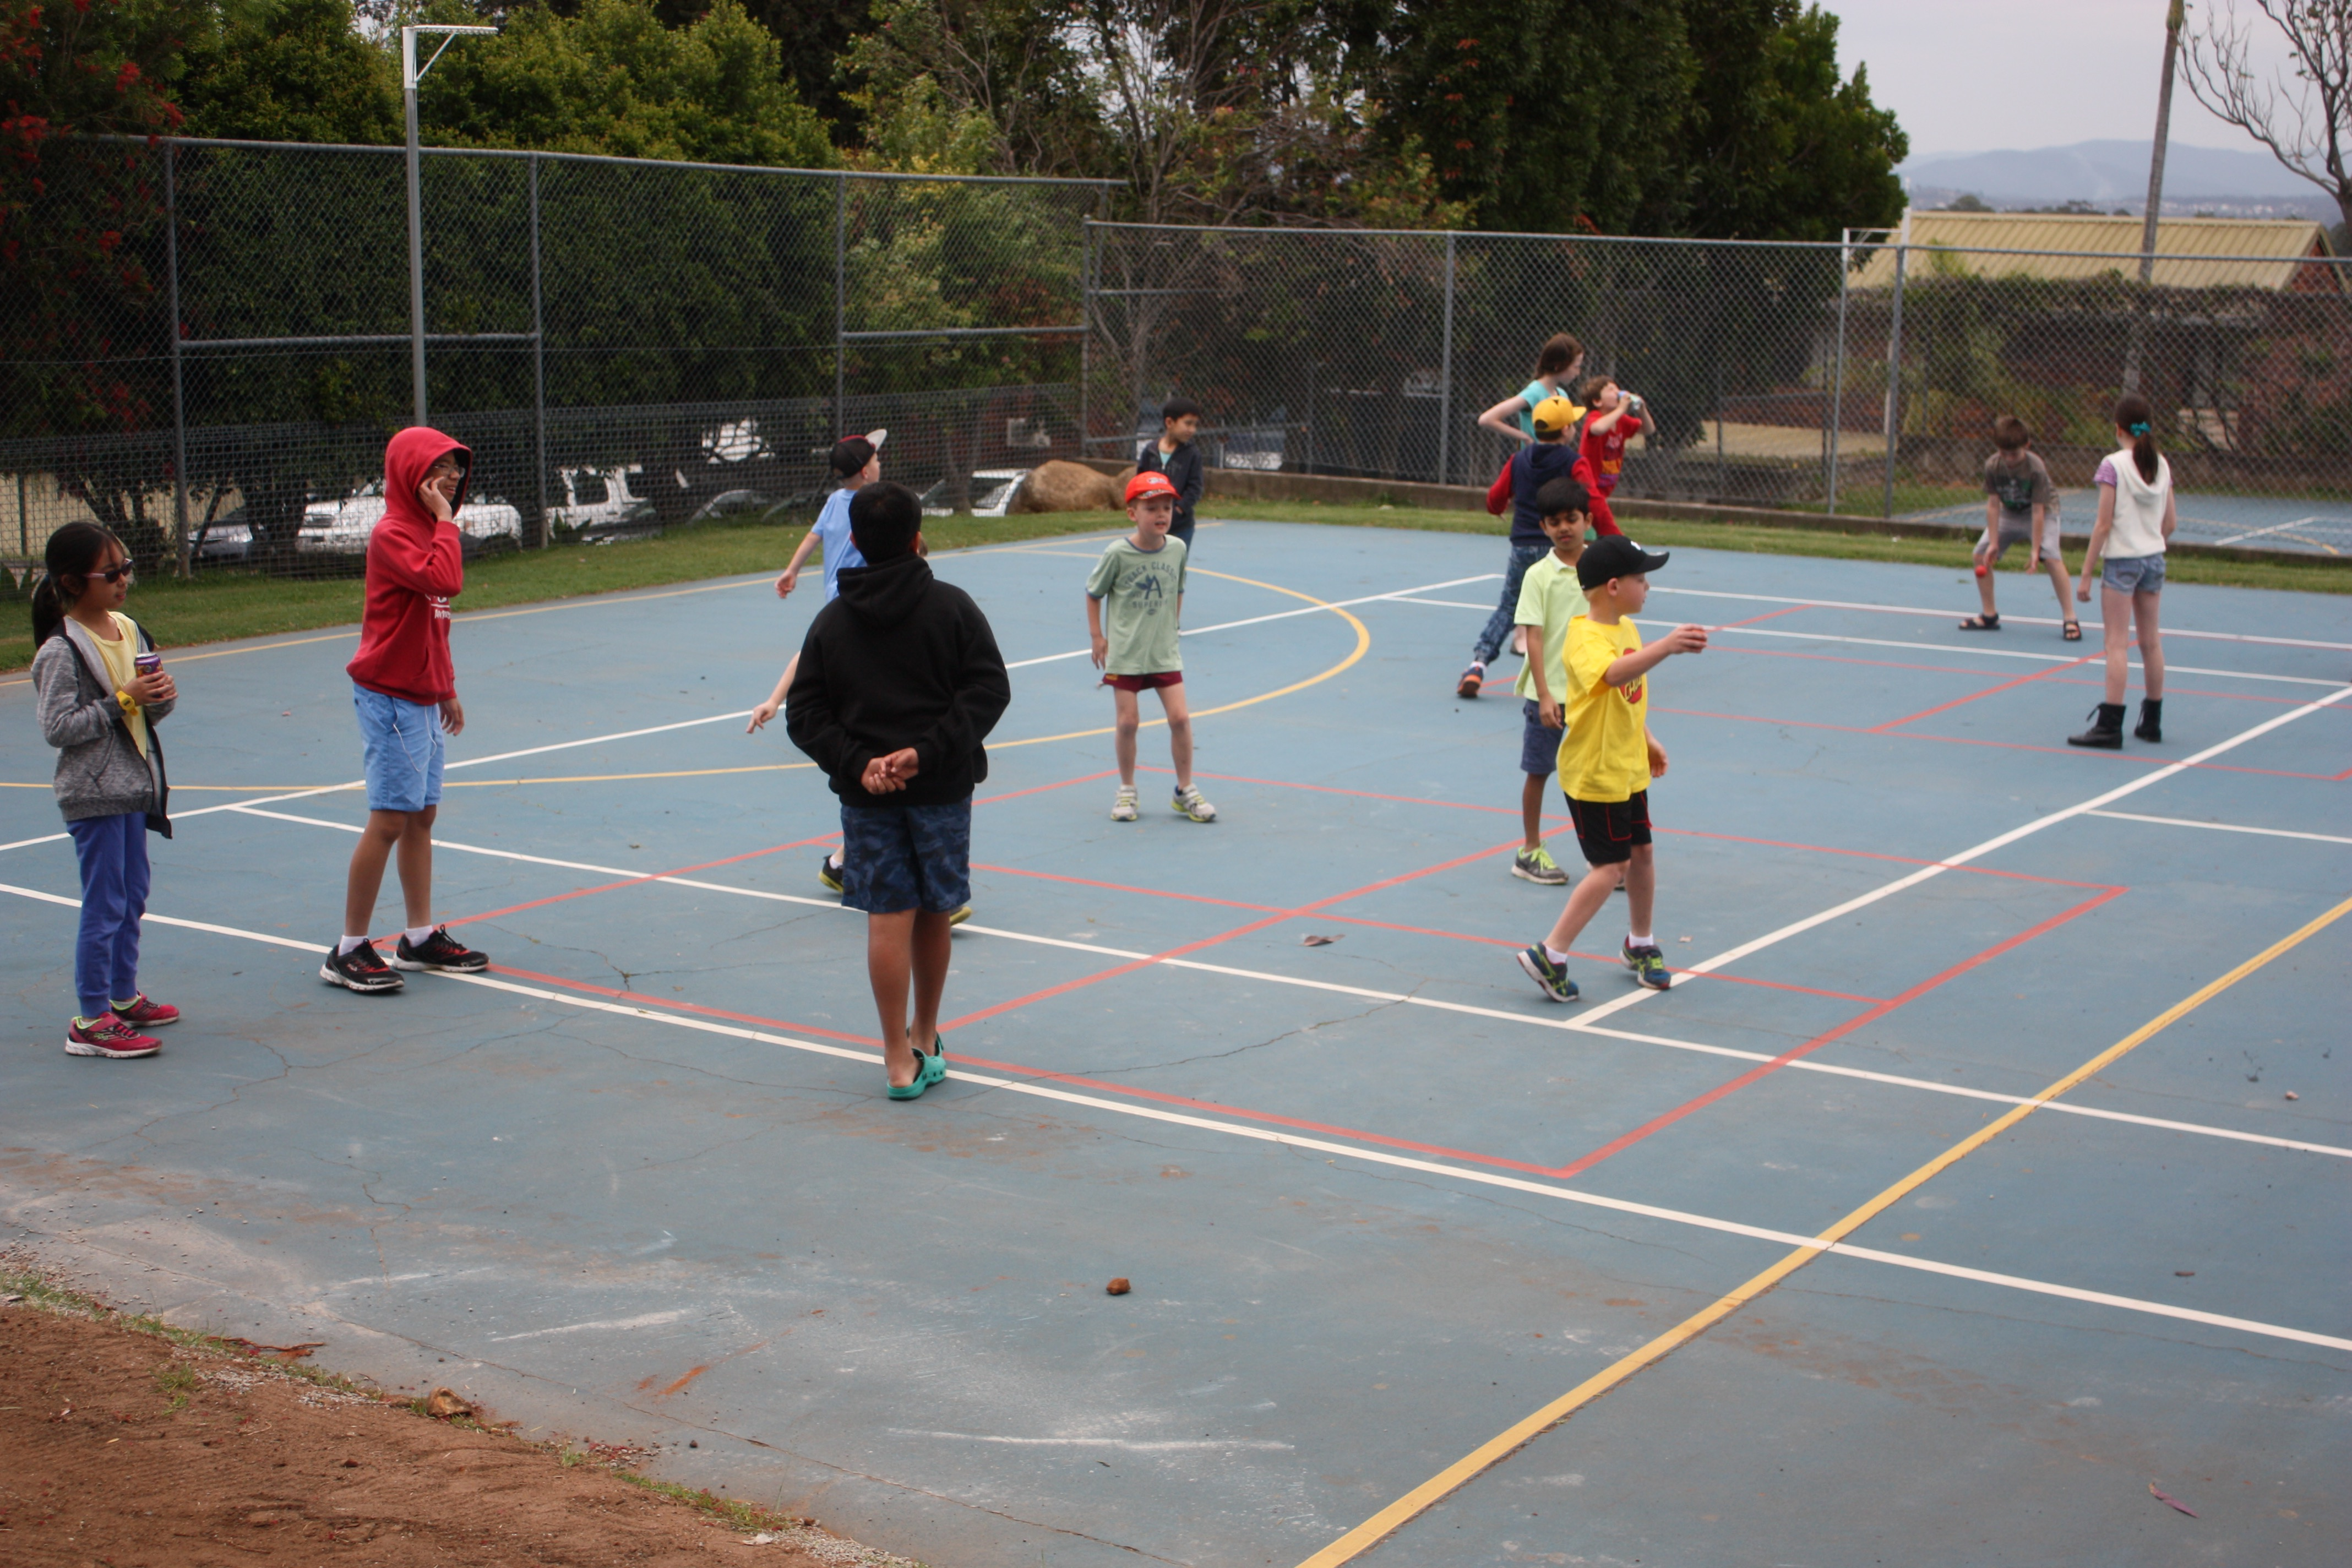 Handball in between games!